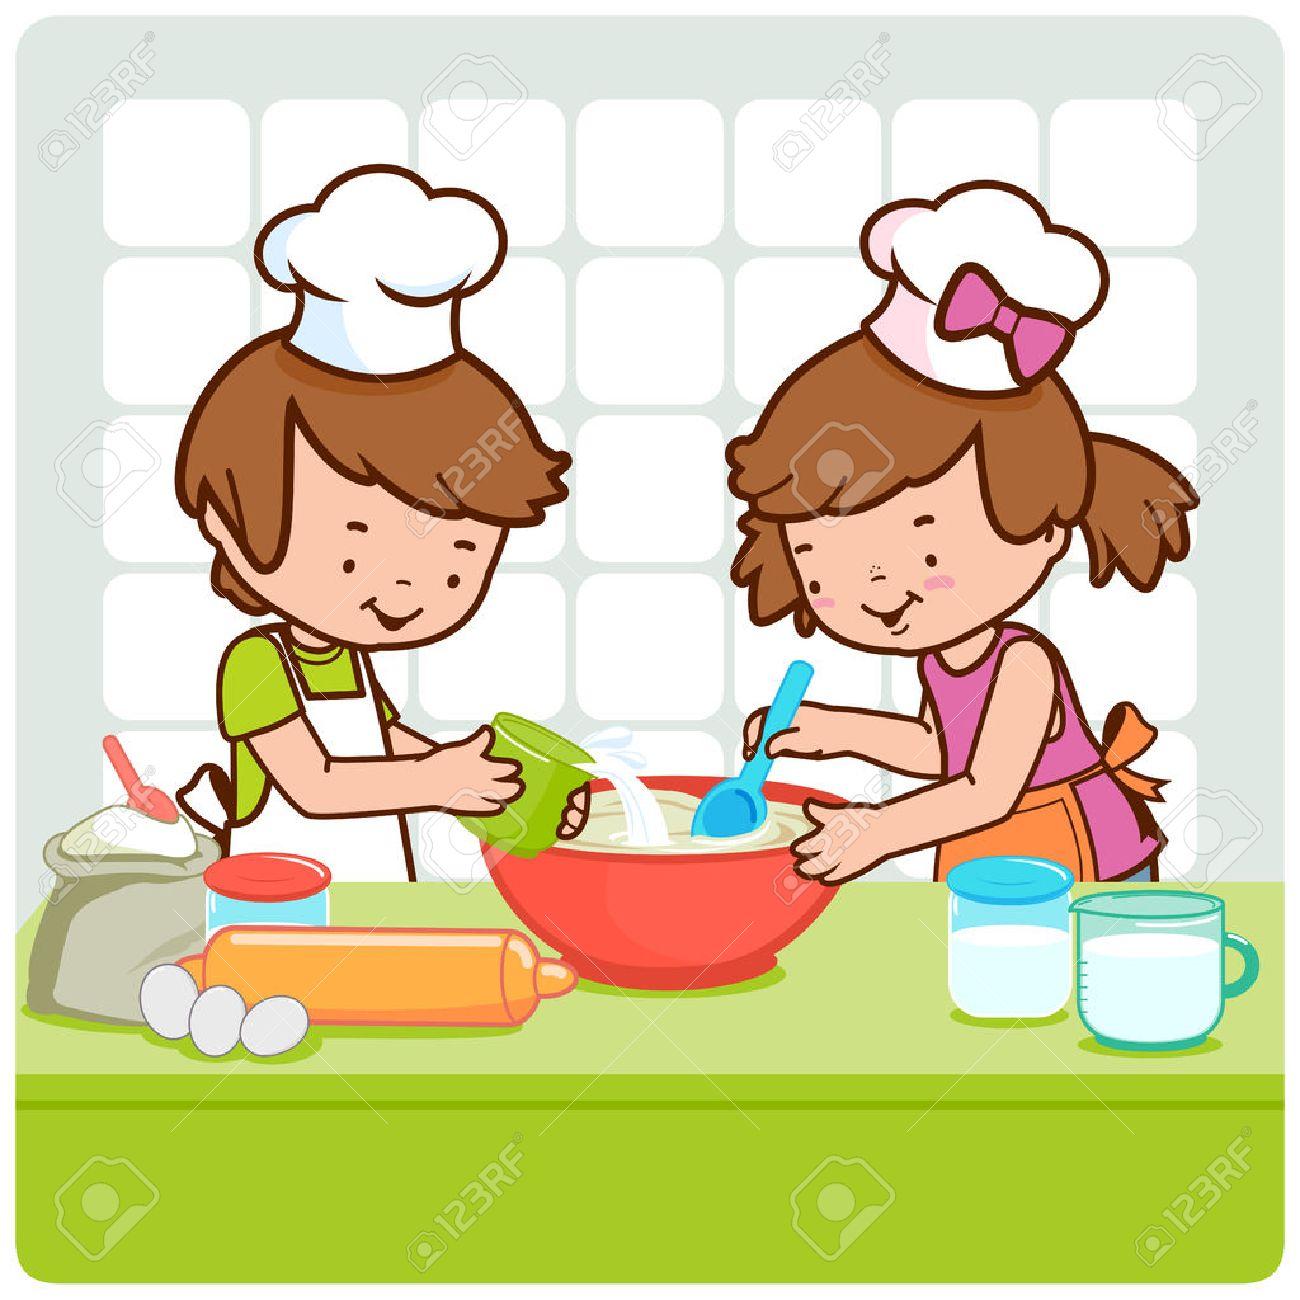 Children Baking Clipart.